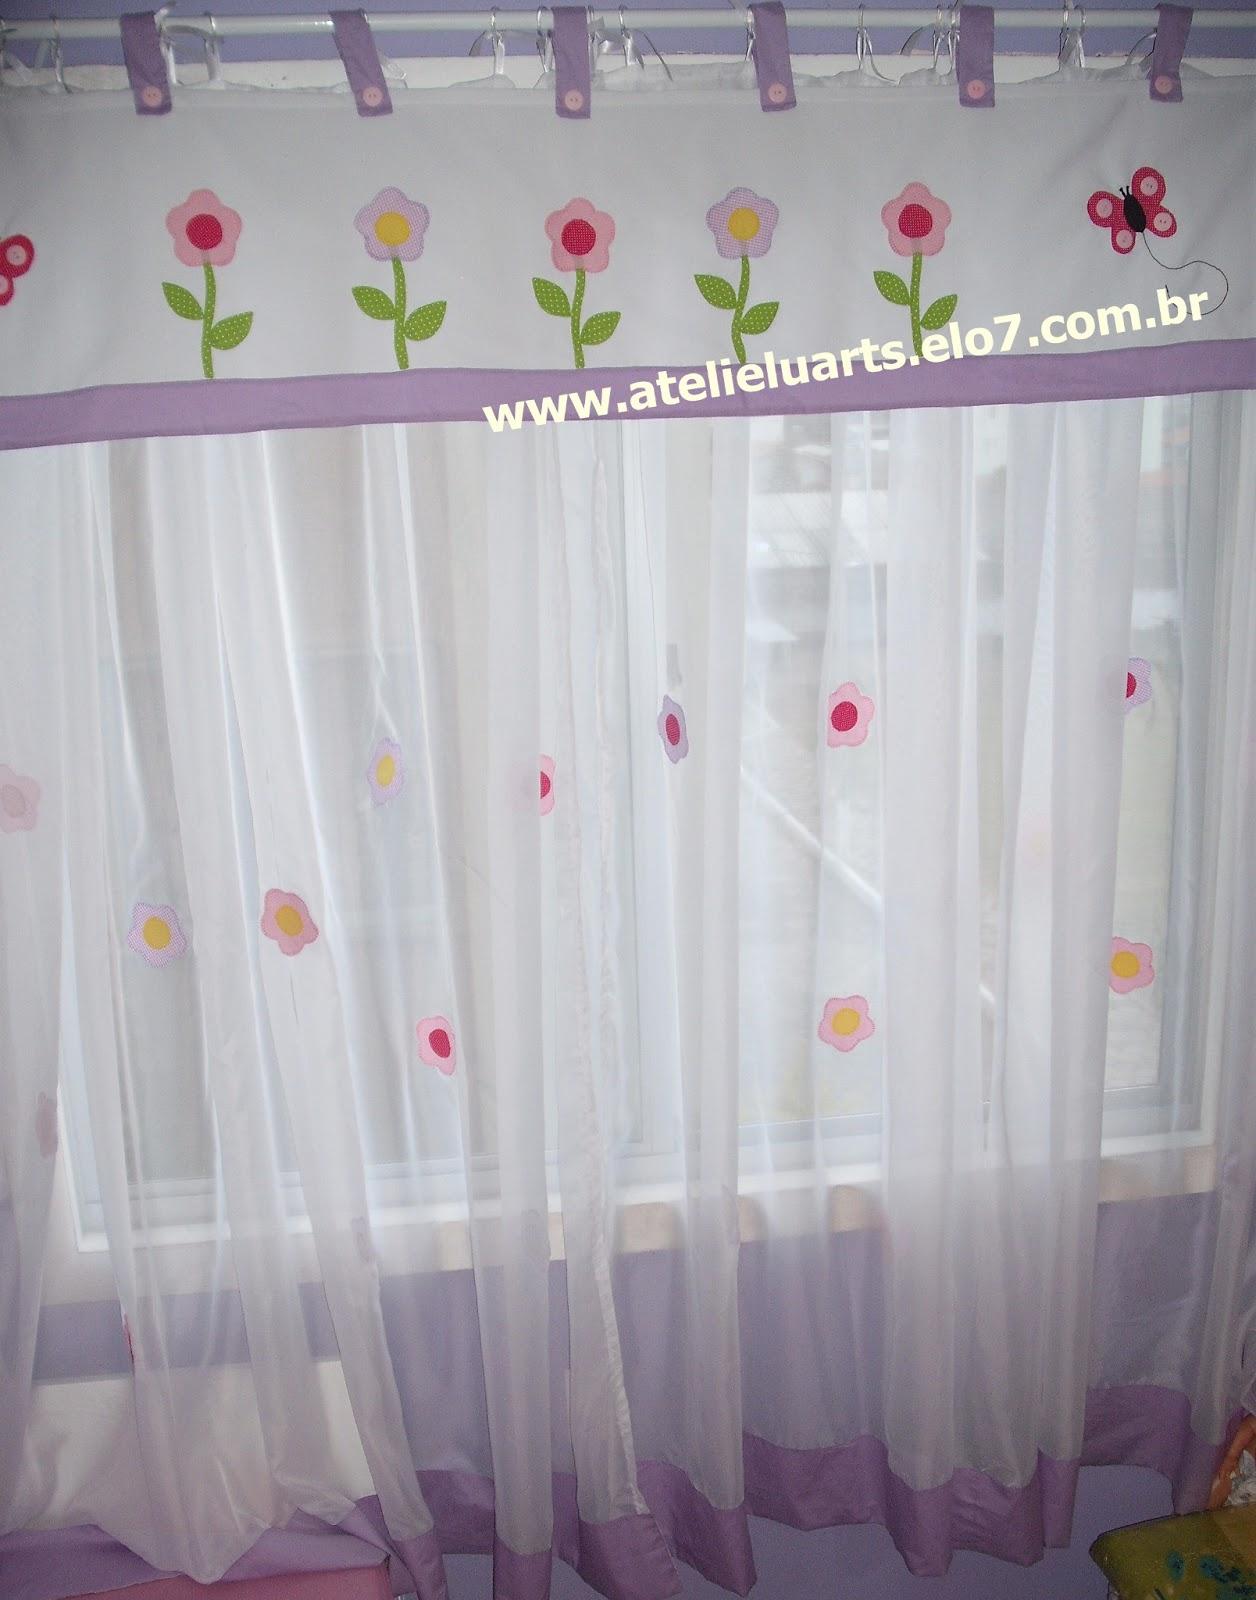 Ateli luarts cortina com band para quarto infantil de menina - Cortinas infantil ...